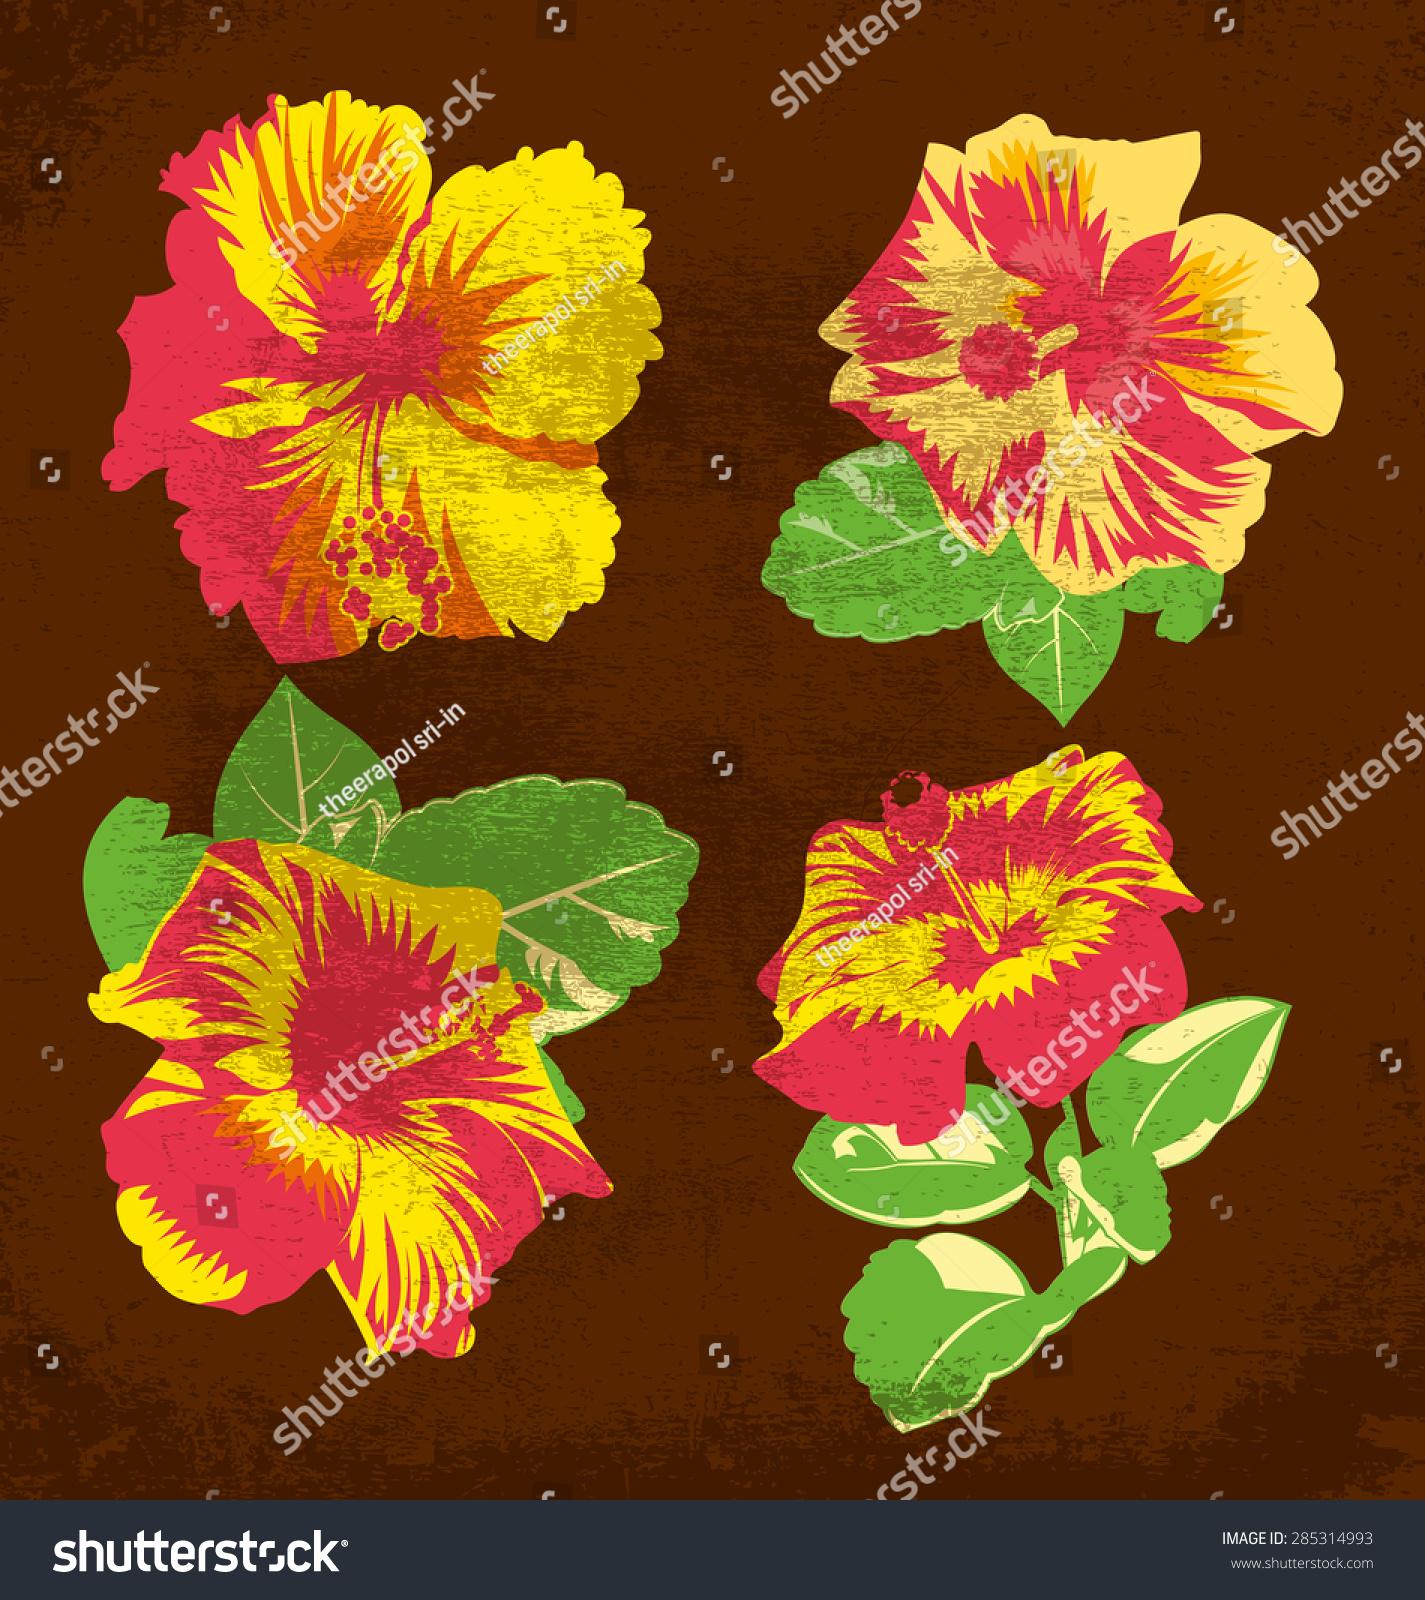 Vector illustration hibiscus hawaiian tropical flowers stock vector vector illustration of hibiscus hawaiian tropical flowers izmirmasajfo